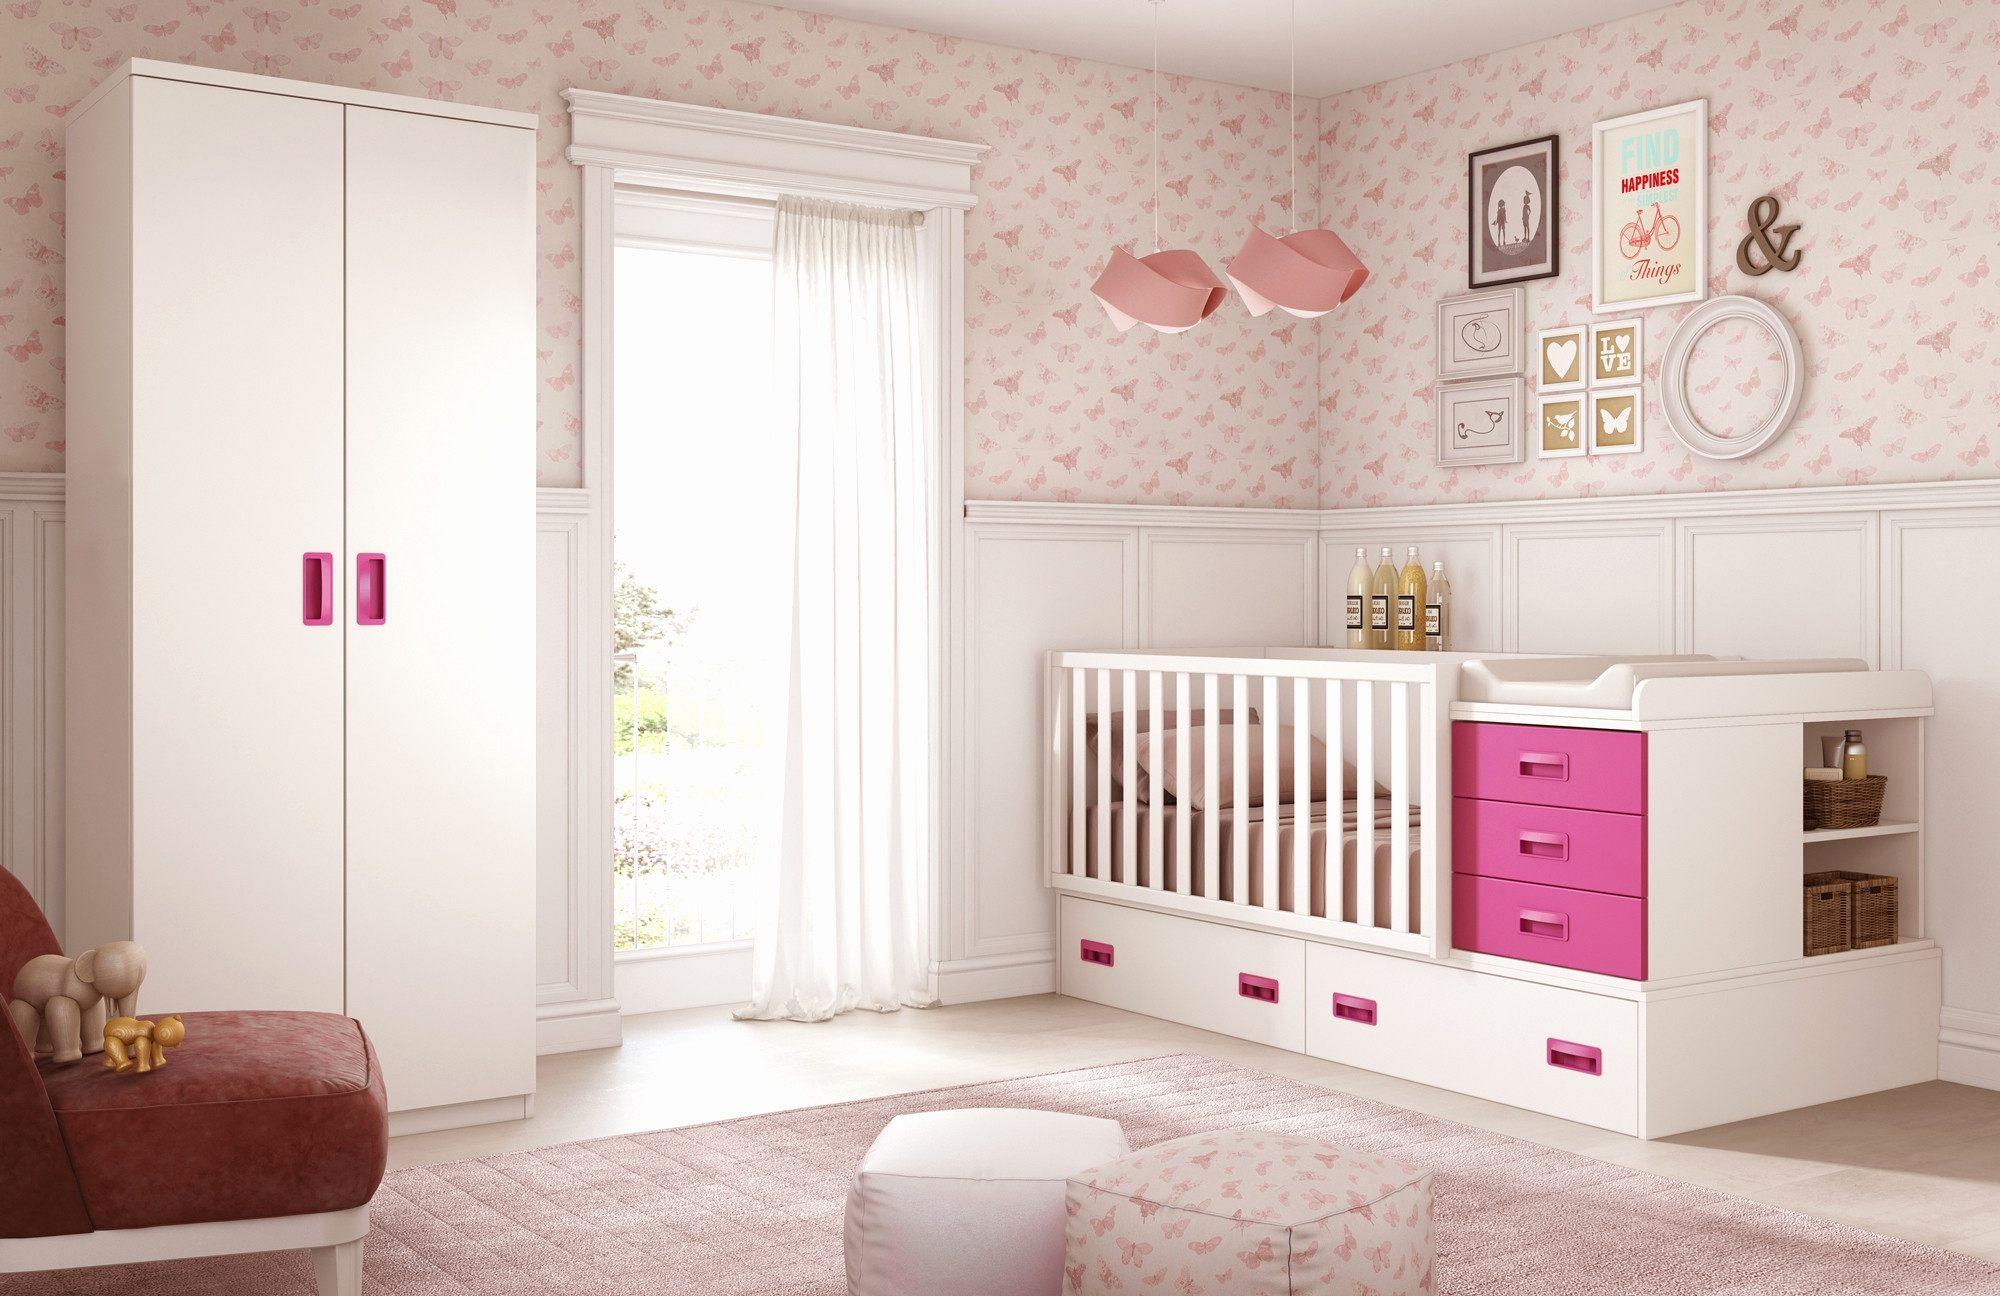 Lit Evolutif Pour Bebe Nouveau Lit Bebe Jusqu A Quel Age Chambre Evolutive Génial Bebe Chambre